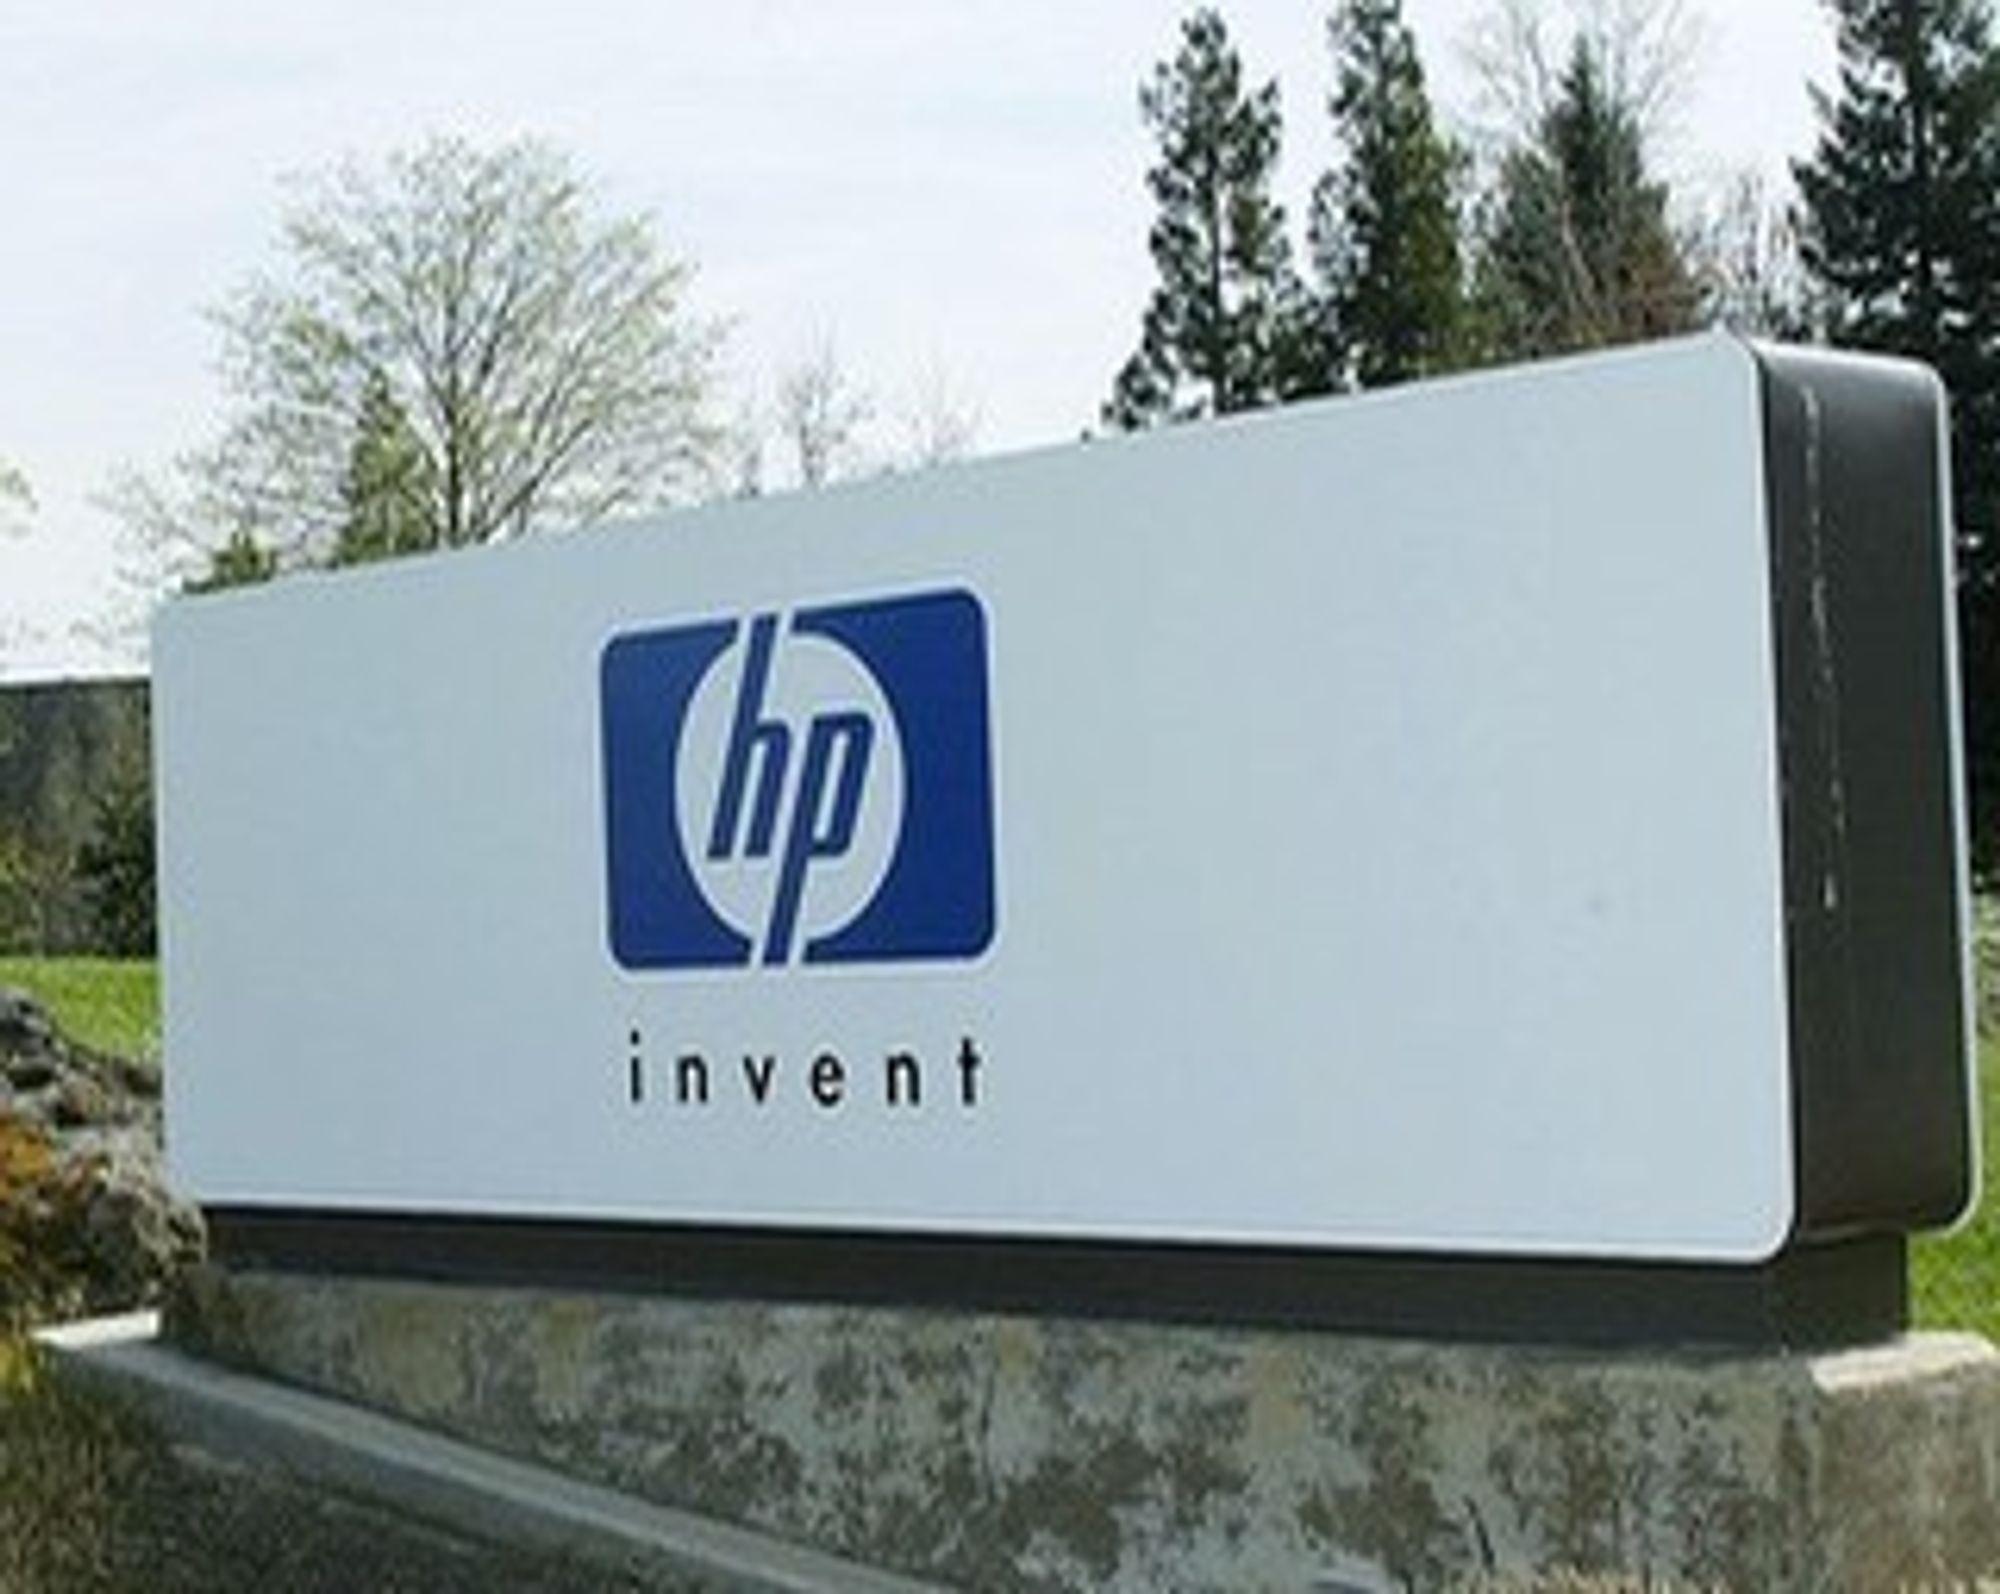 Hewlett-Packard har sett seg lei på at IBM og Global Technology Services har vært nærmest enerådende i en årrekke.